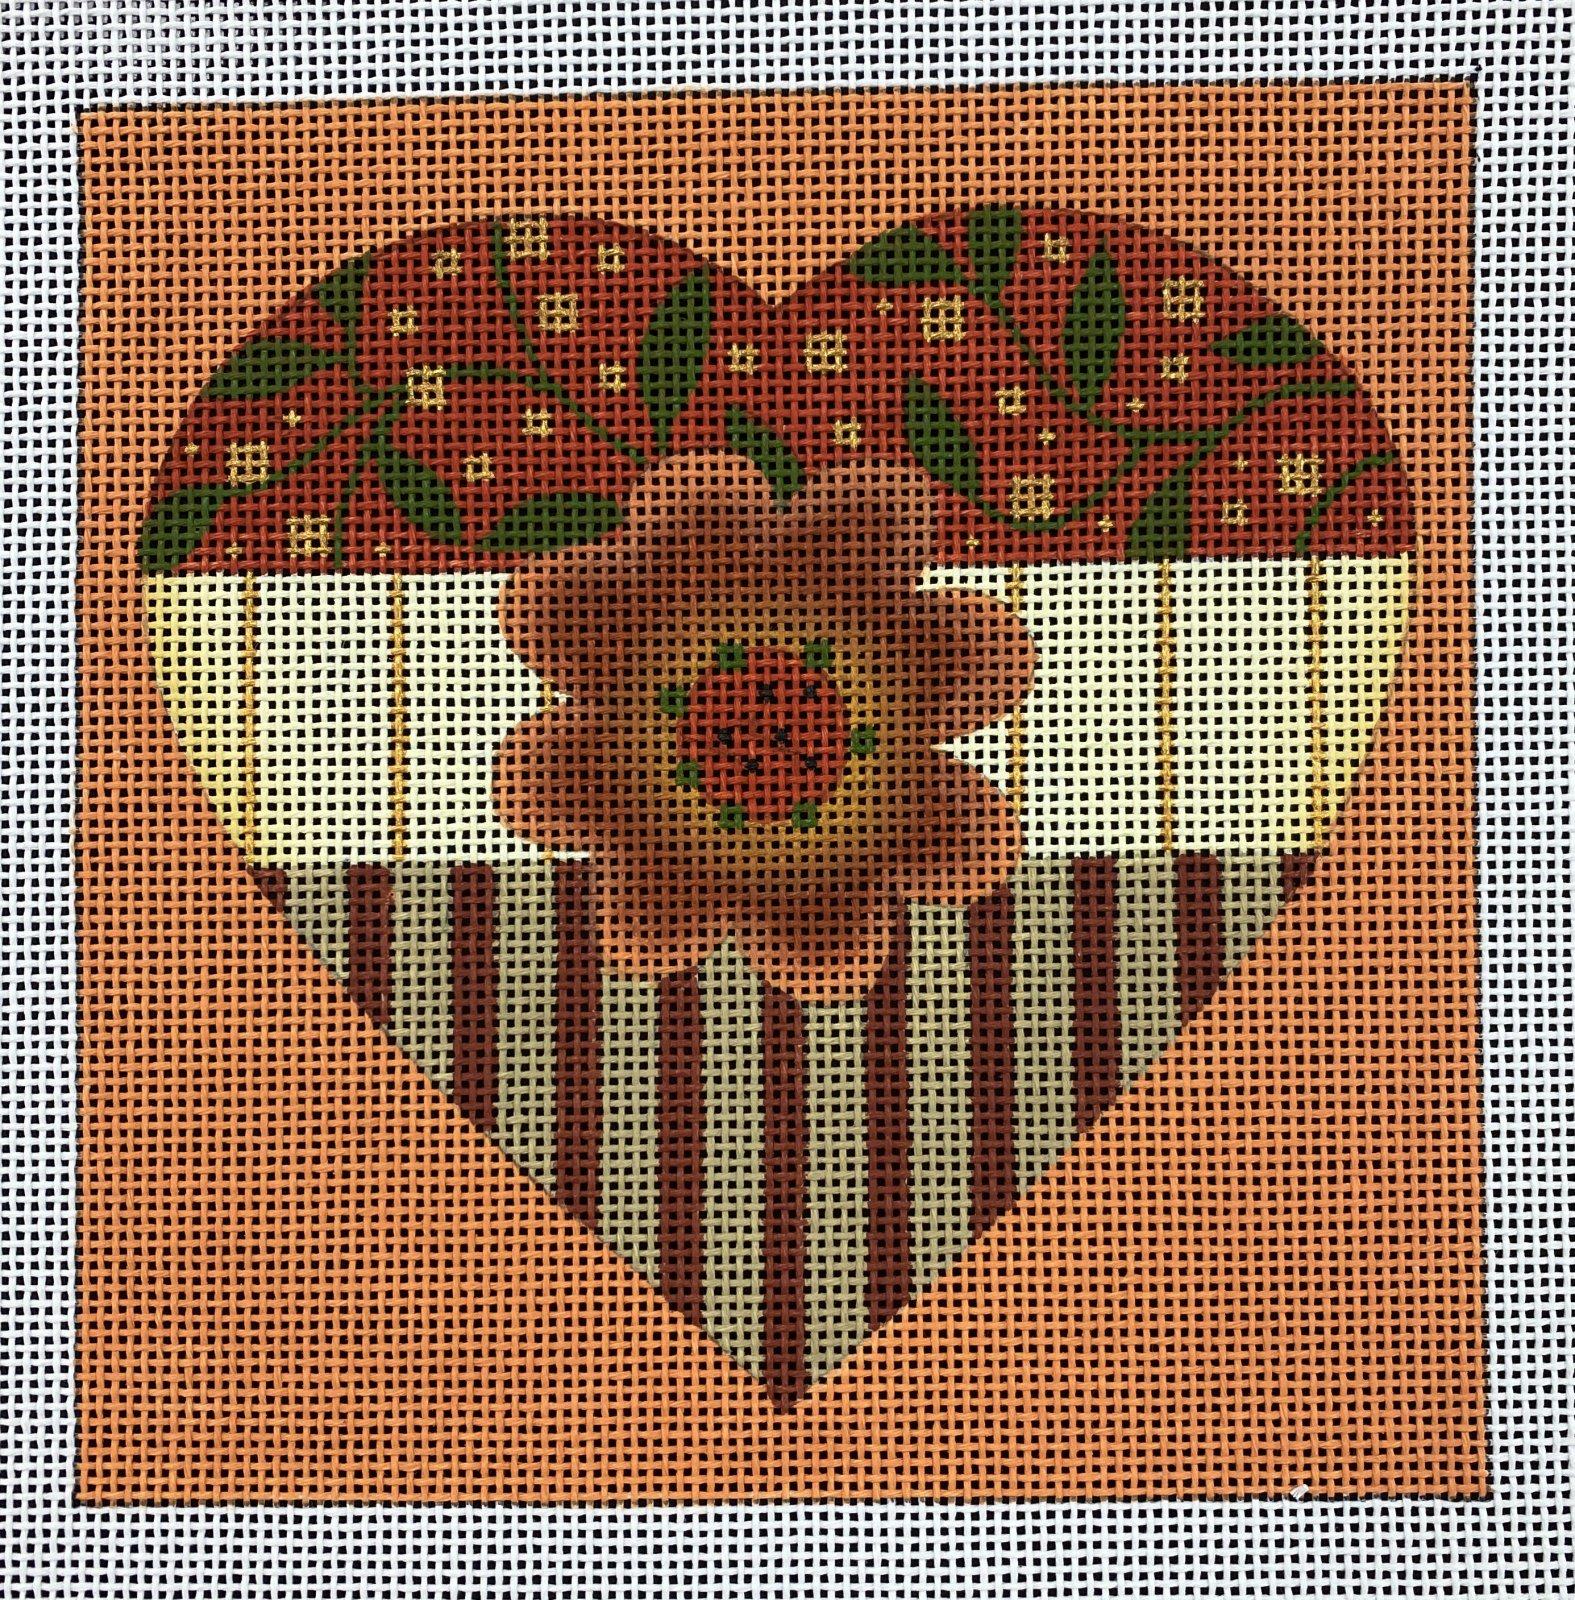 Autumn Heart,13 ct.,7x7